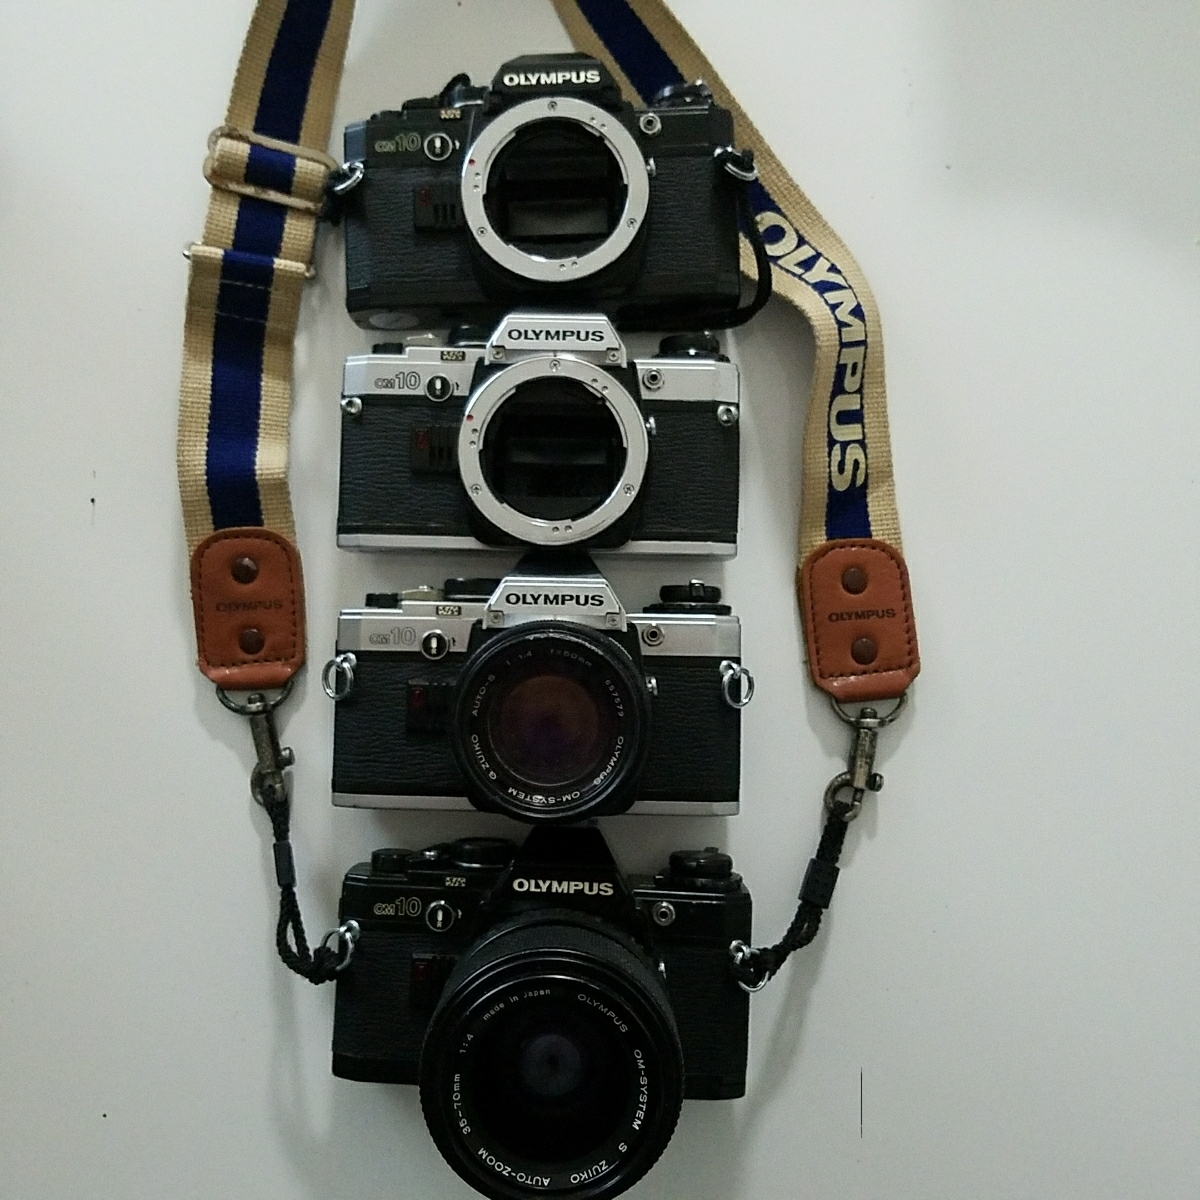 OLYMPUS オリンパス 一眼レフ カメラ セット OM-1 OM-2 OM-10_画像3